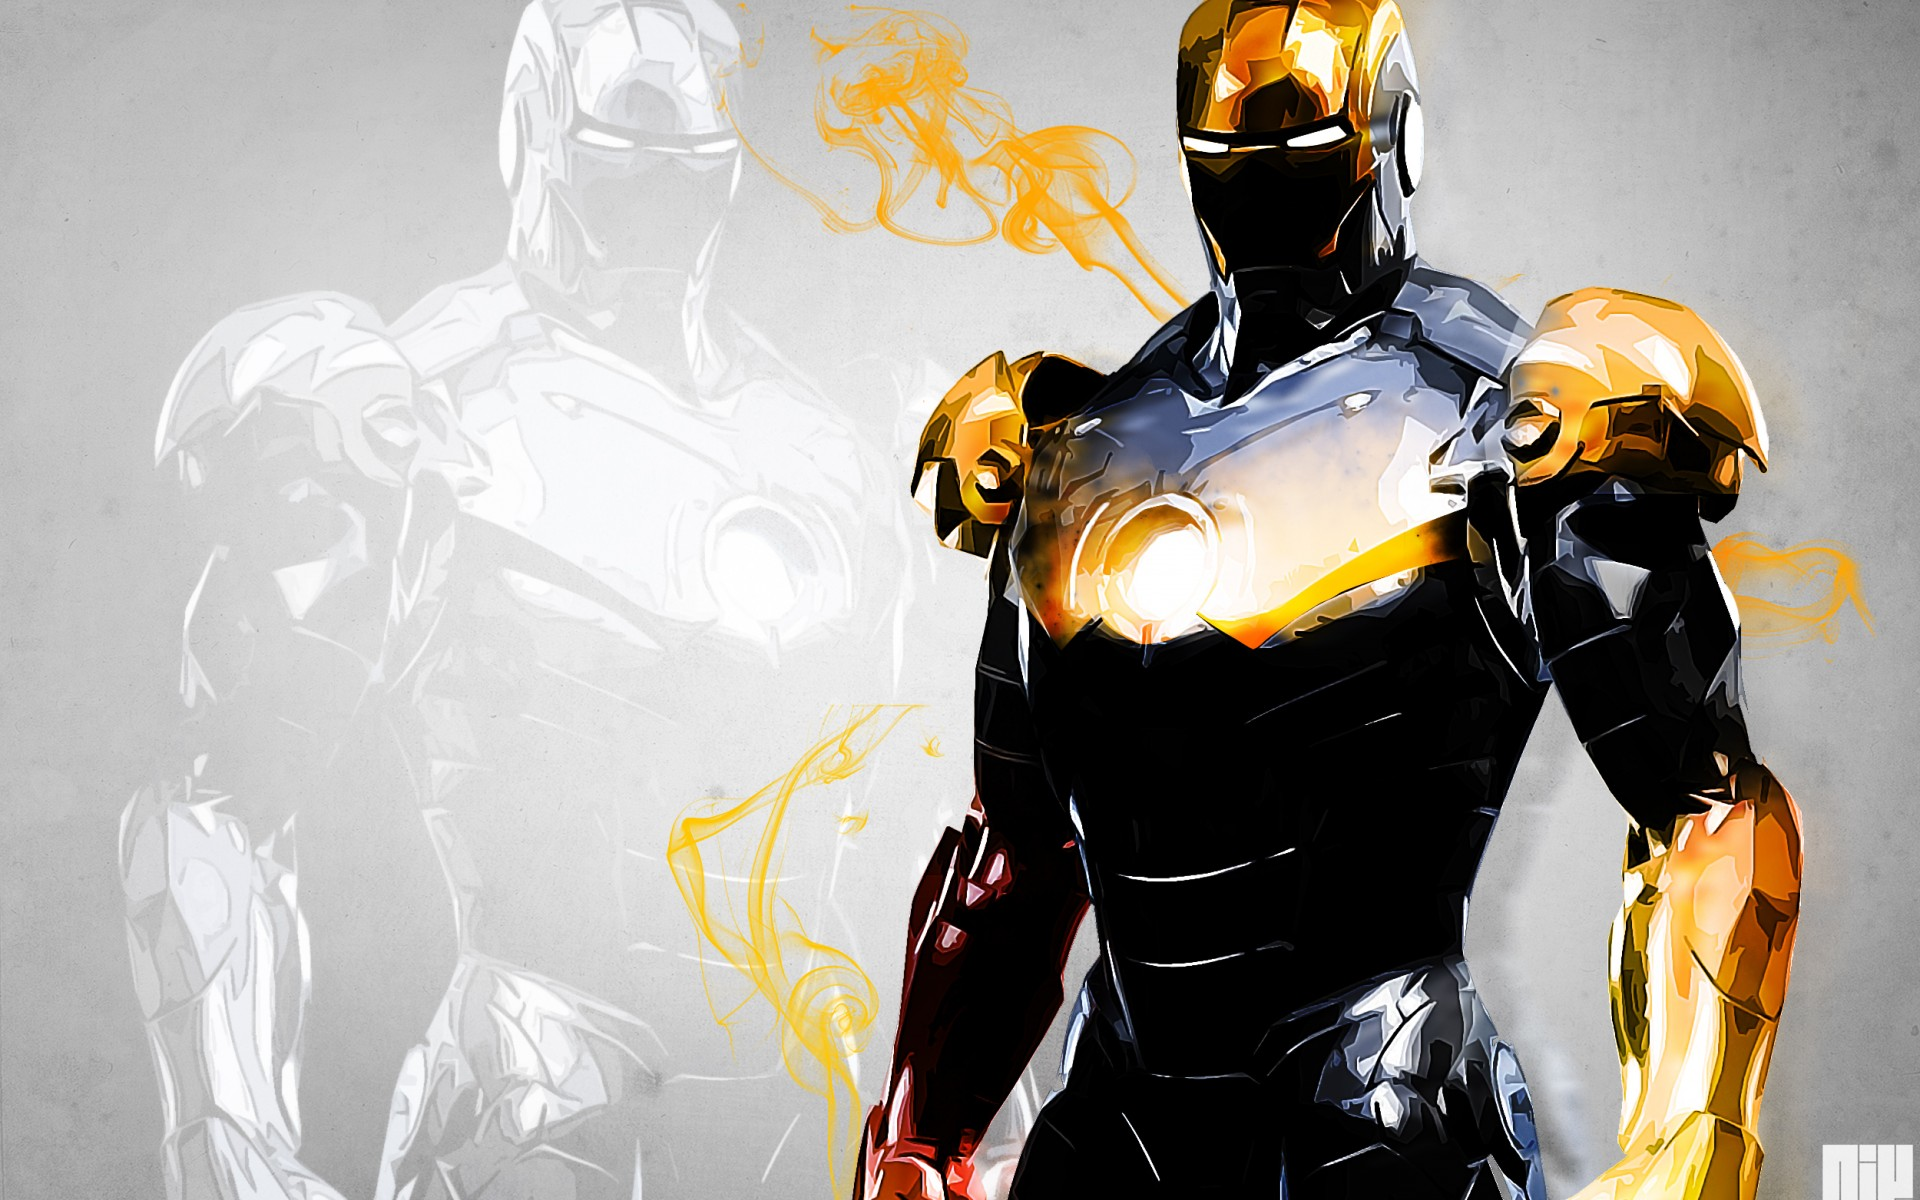 Marvel Superhero Wallpaper - WallpaperSafari